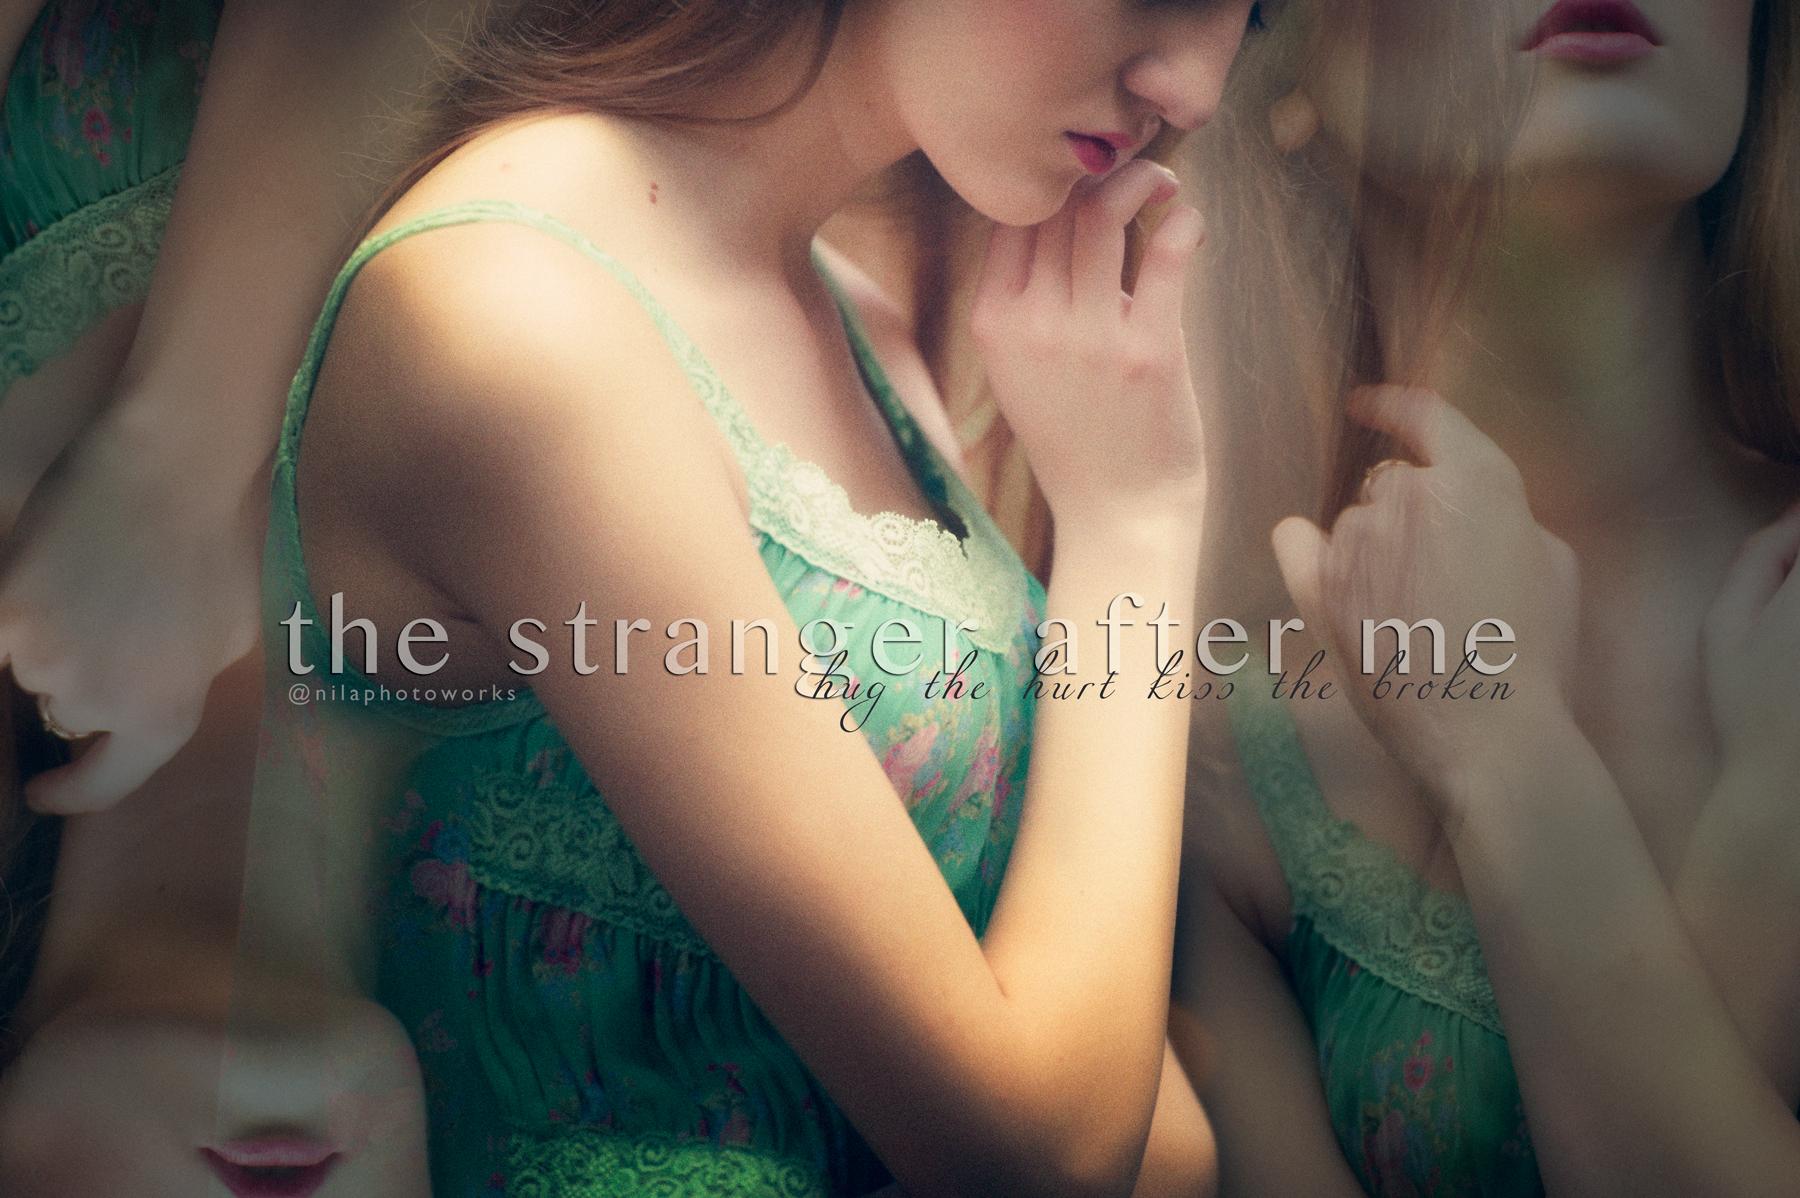 The Stranger After Me